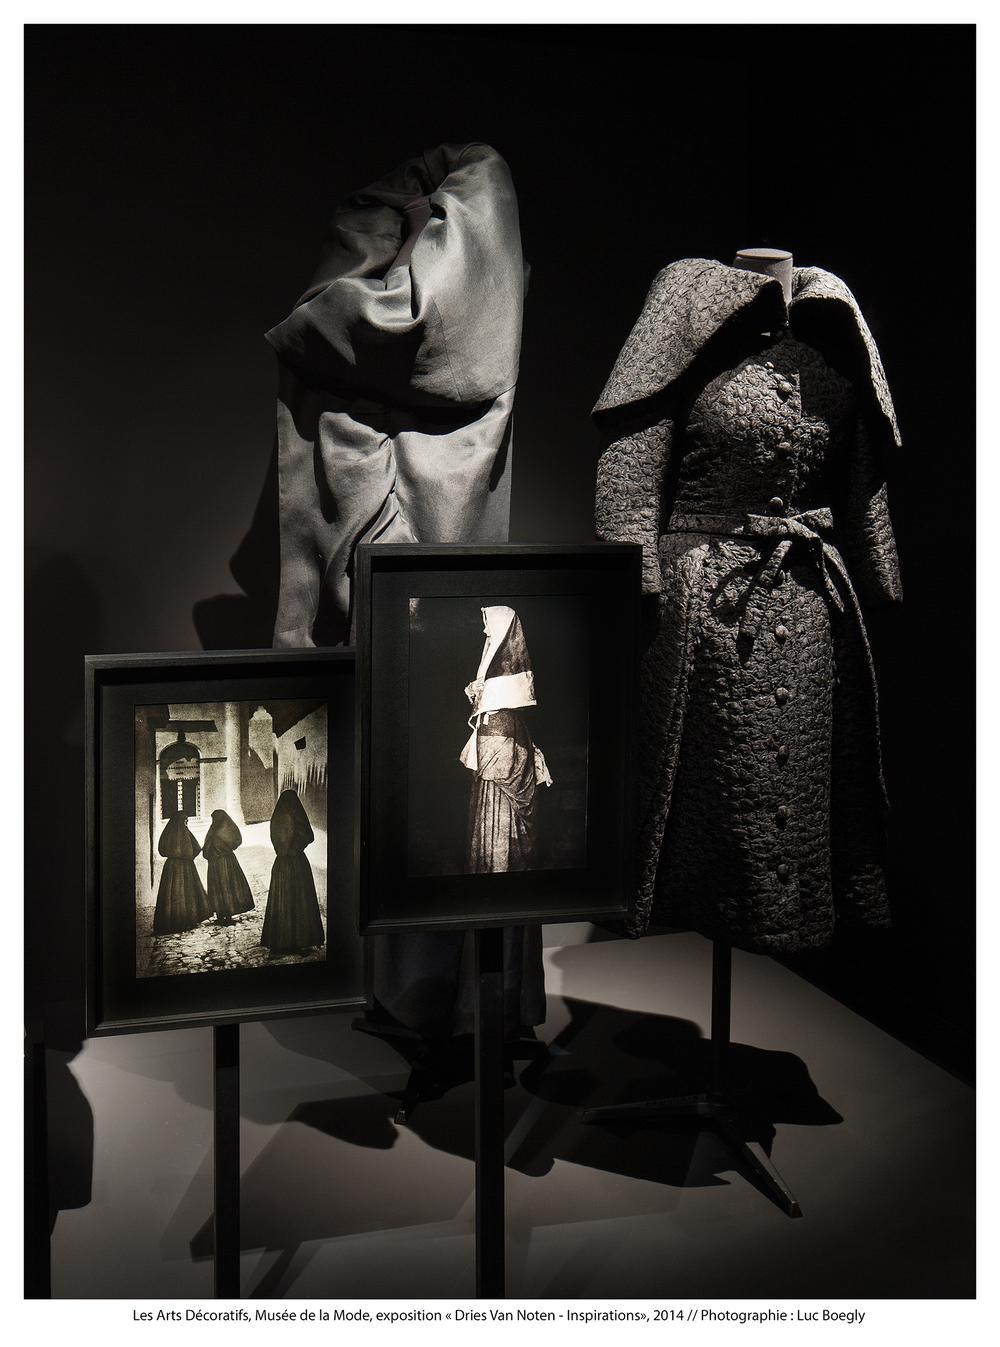 파리 장식 미술 박물관 제공©Luc Boegly